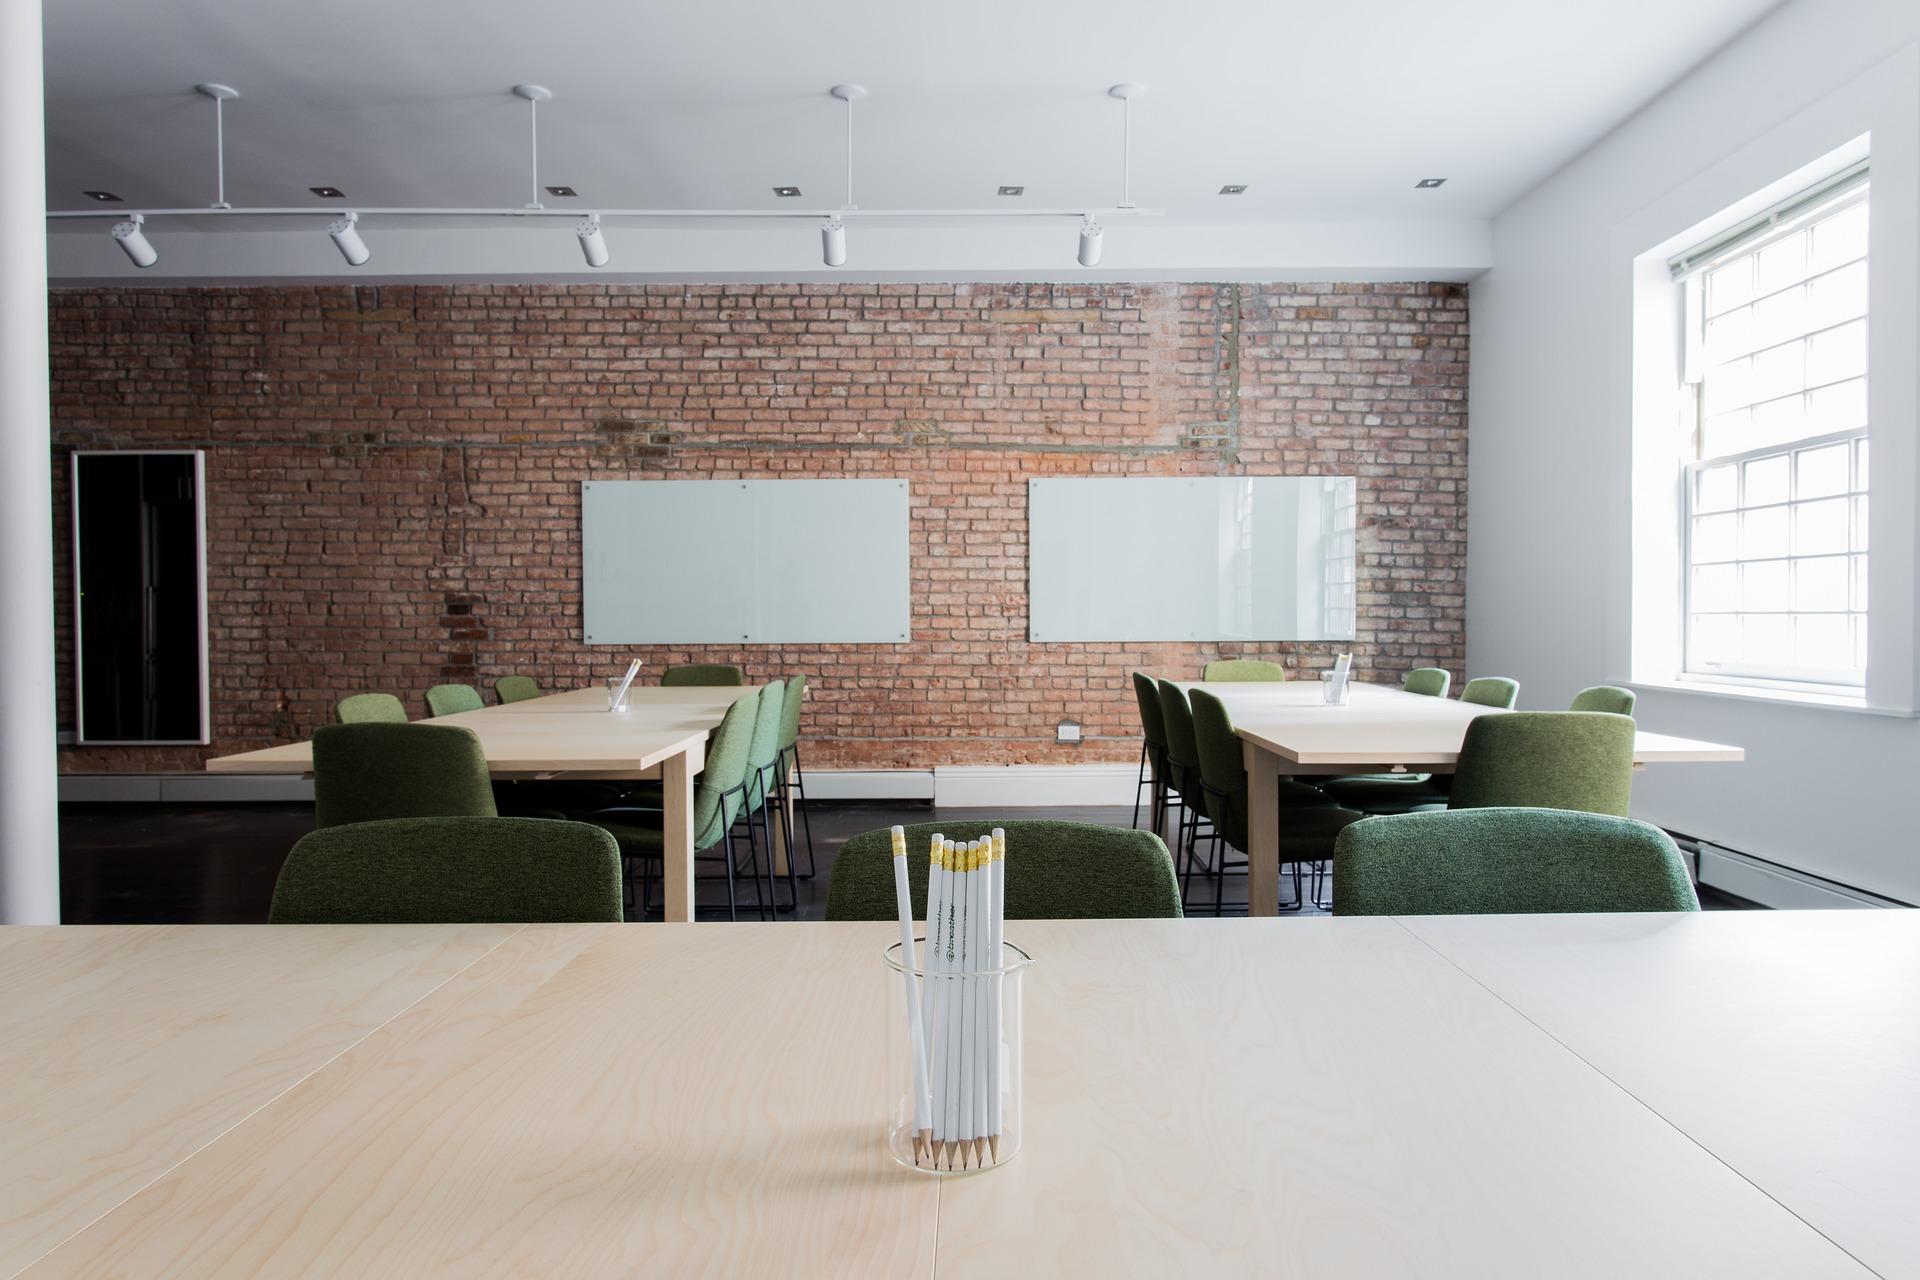 Digitale Bildung, digitale Räume? Das Klassenzimmer in Zeiten der Digitalisierung